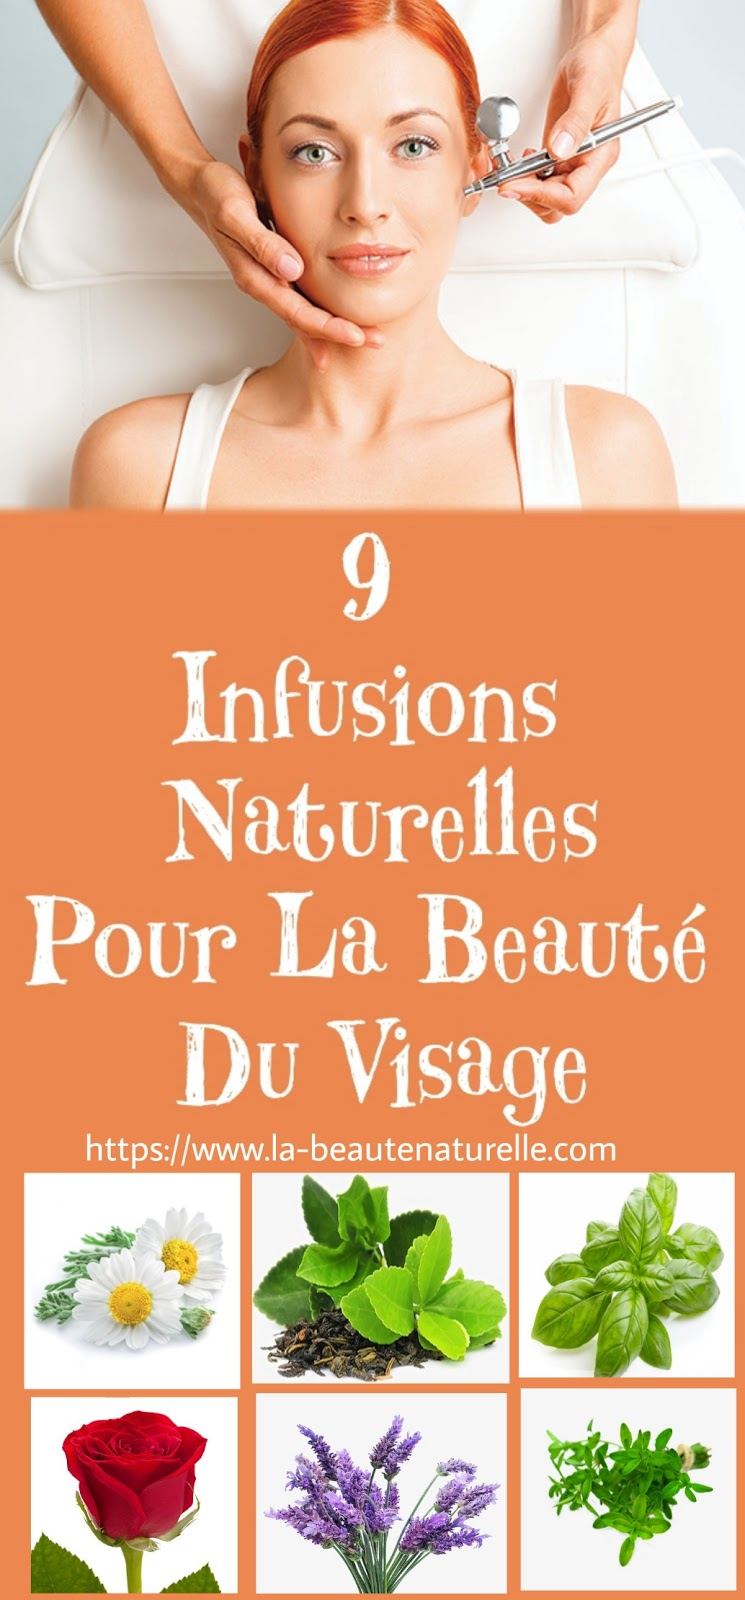 9 Infusions Naturelles Pour La Beauté Du Visage